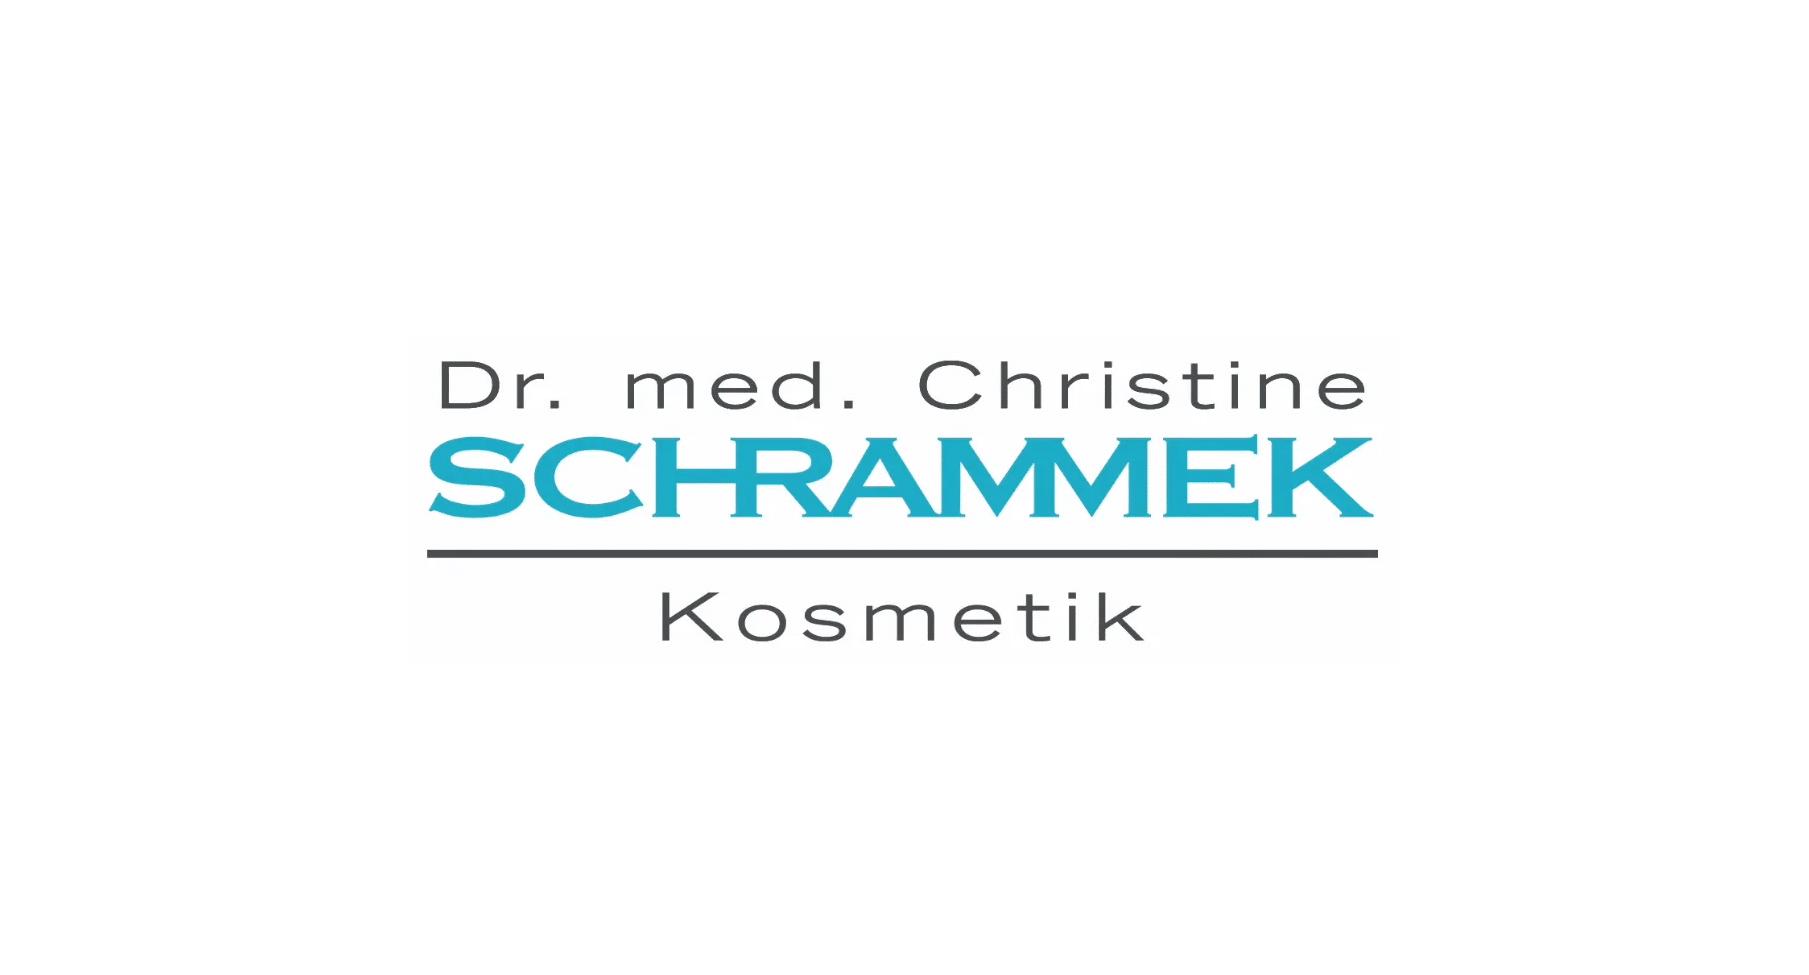 History - Dr Schrammek